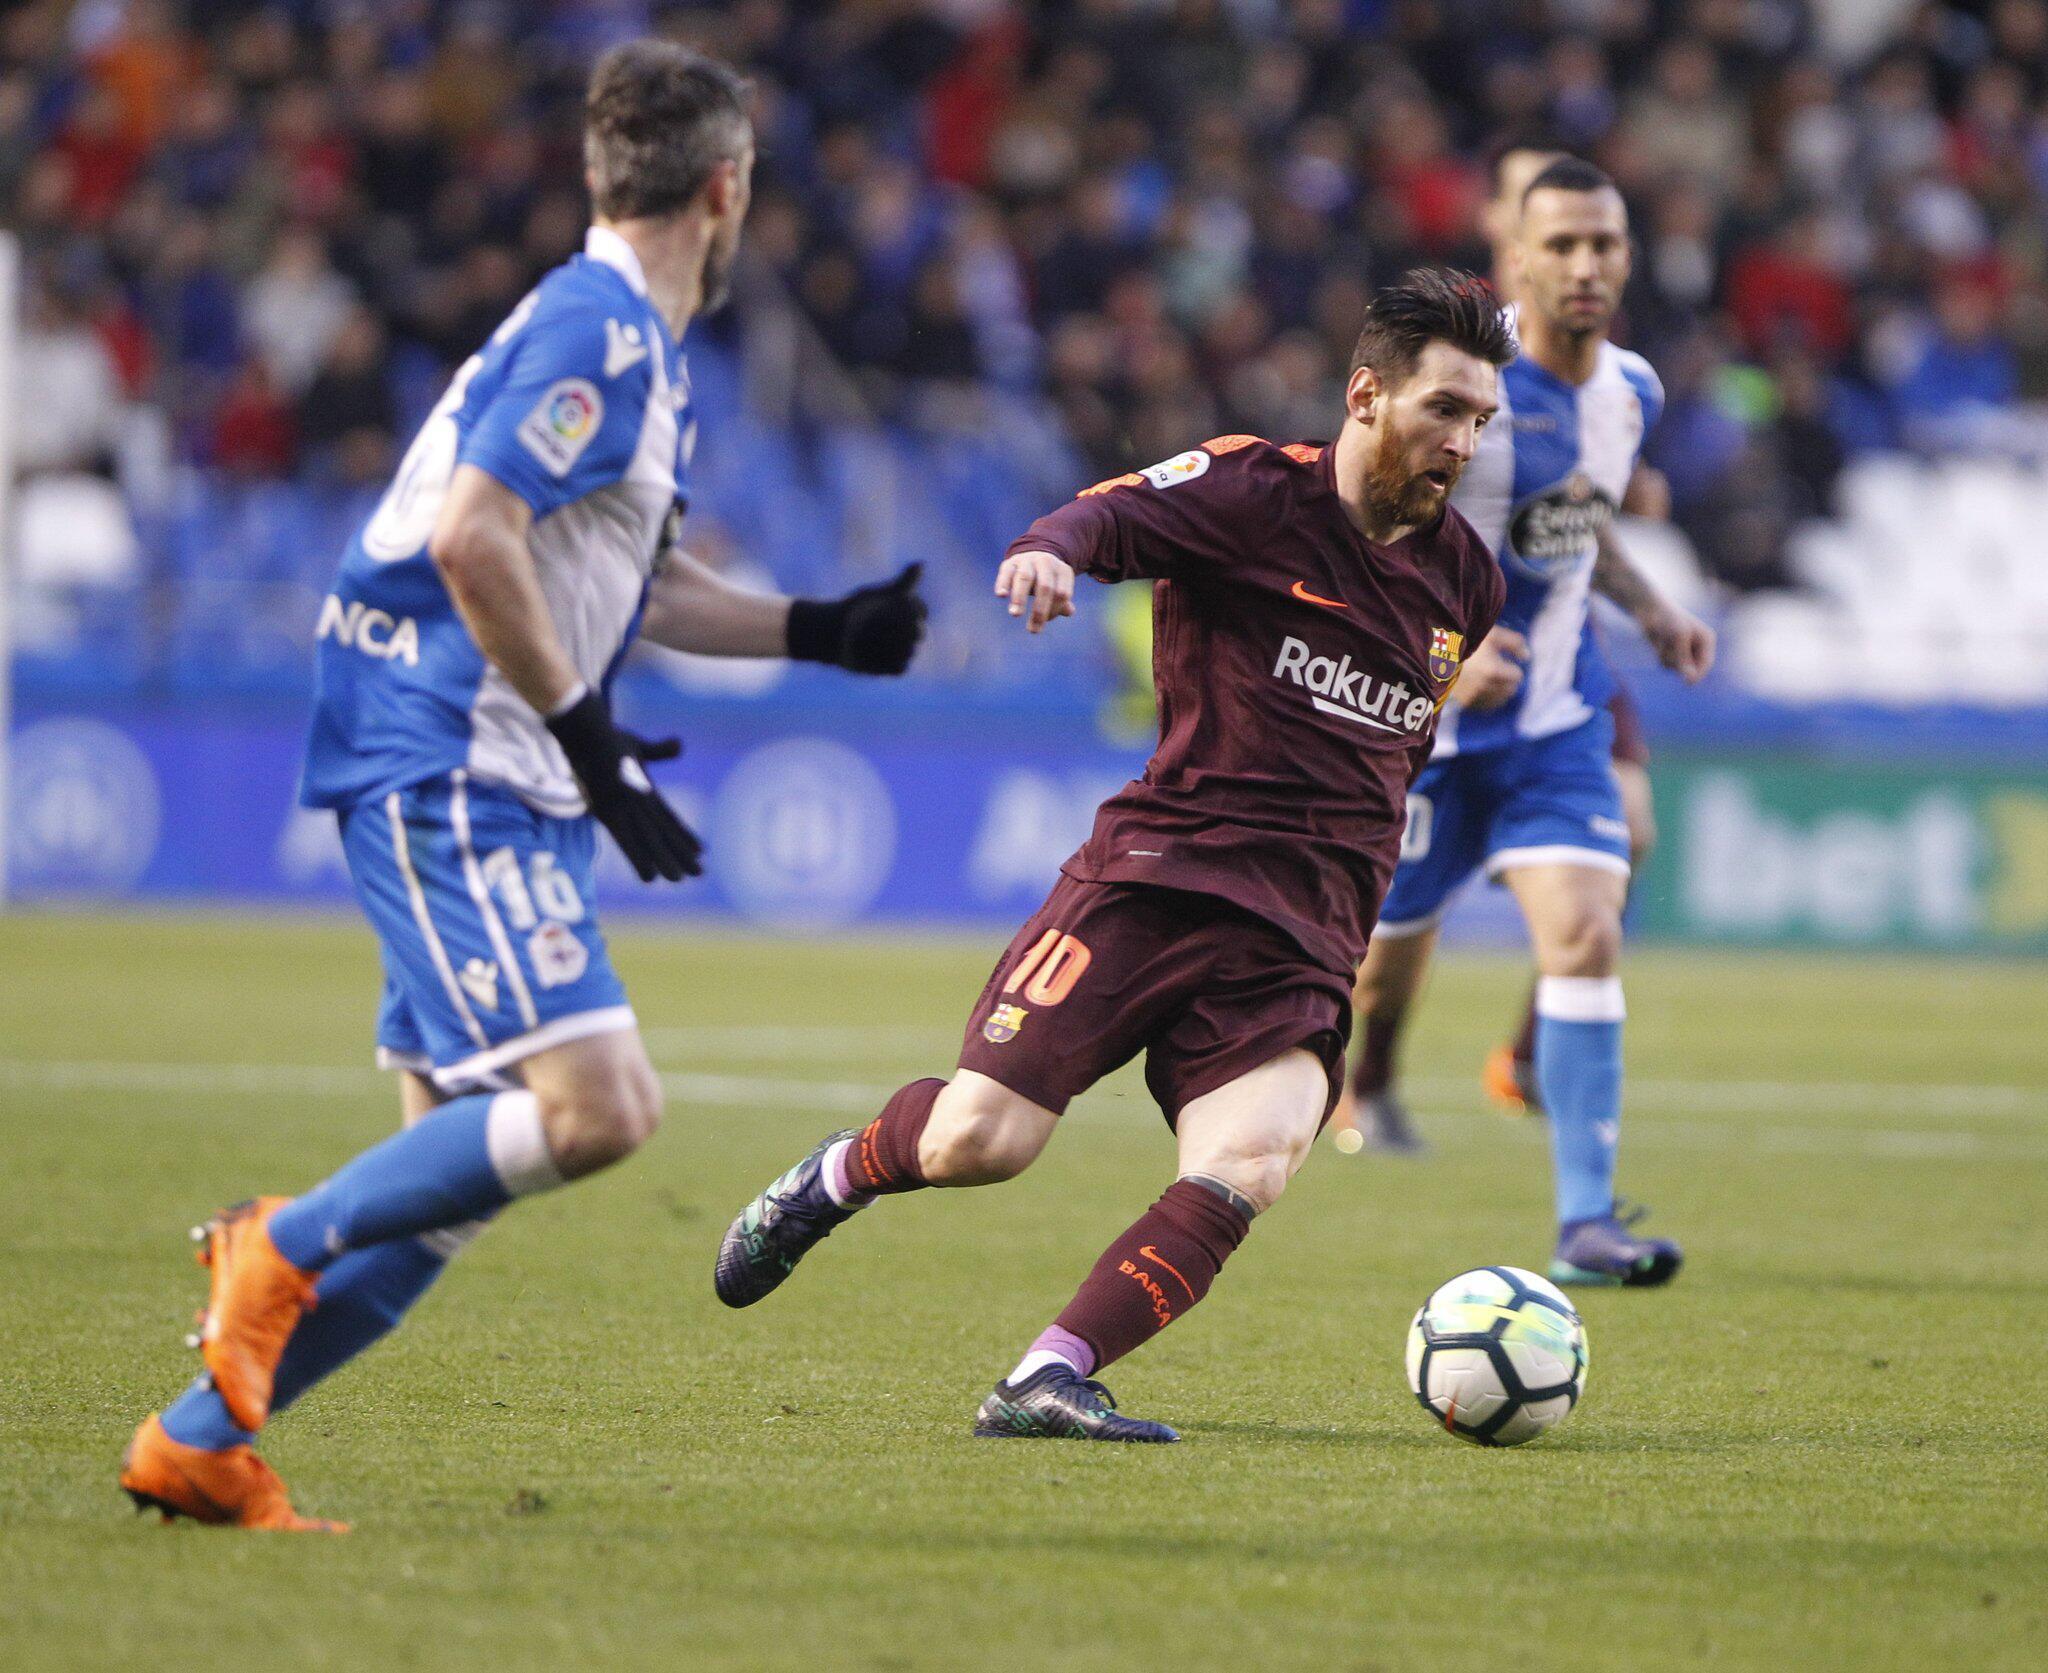 Bild zu Deportivo La Coruna - FC Barcelona, Lionel Messi, Primera Division